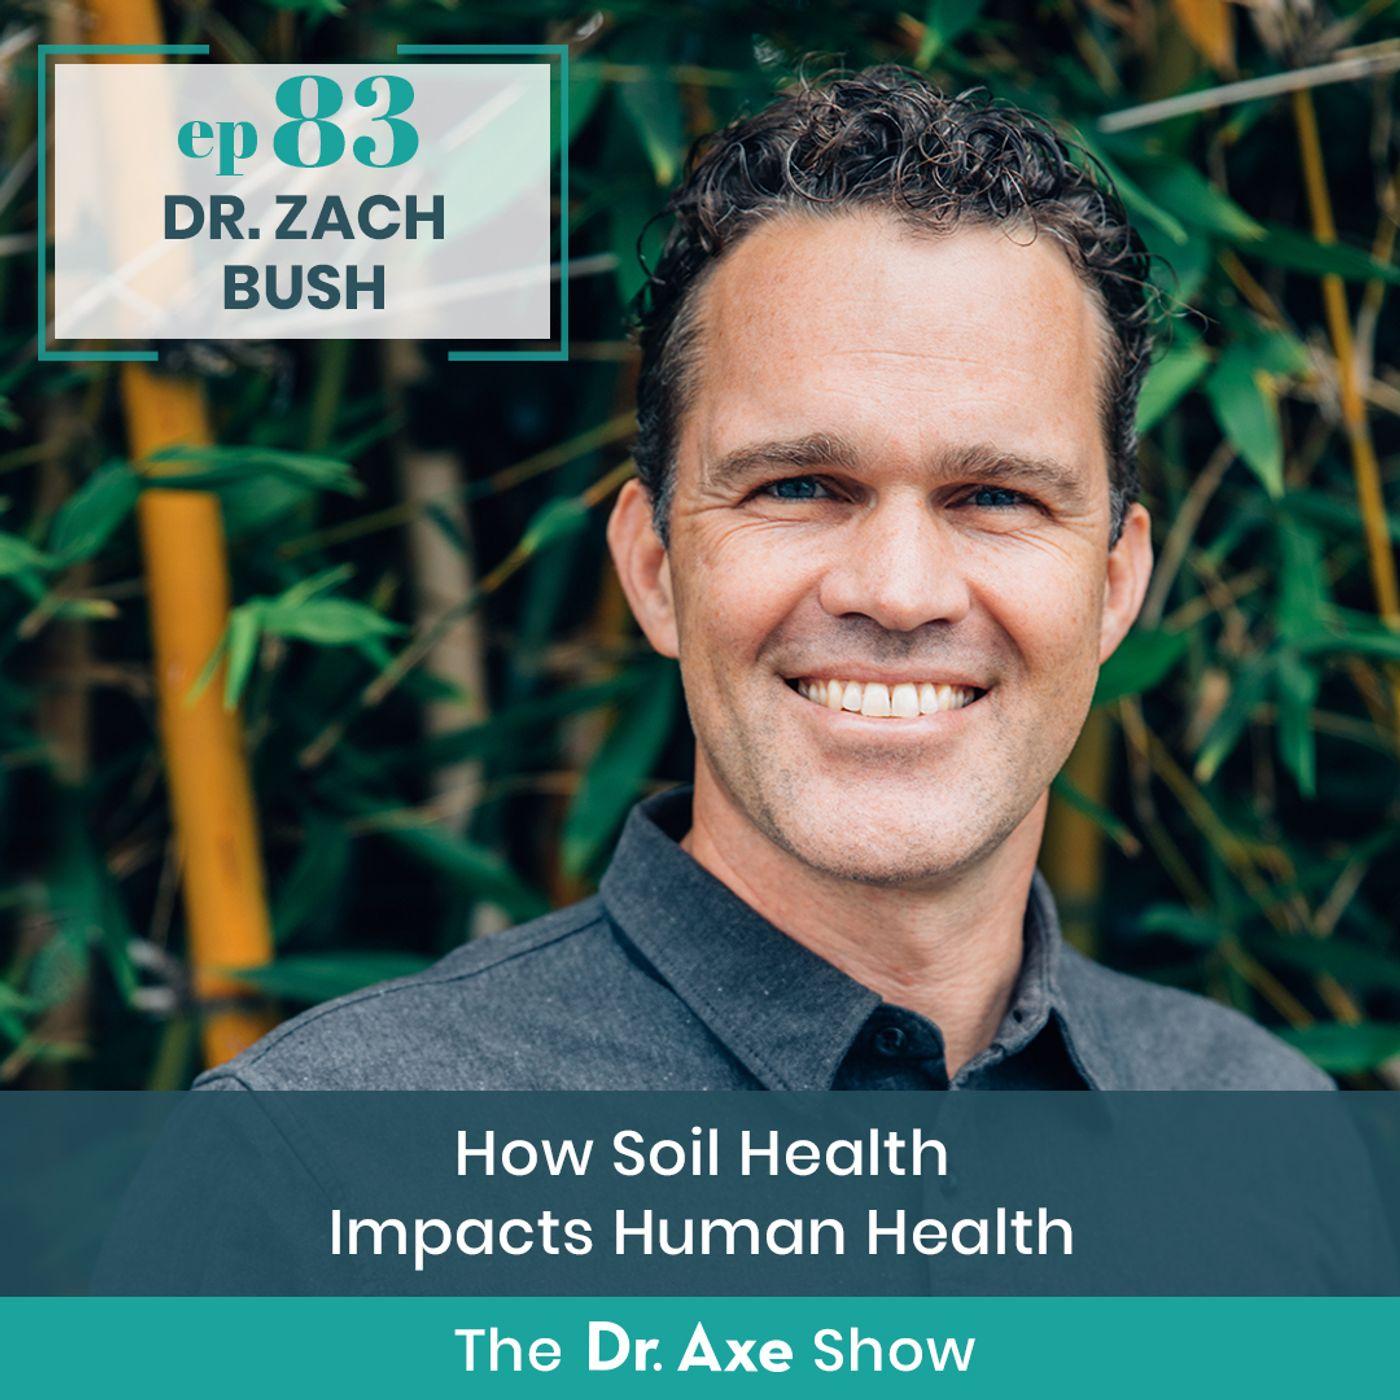 Dr. Zach Bush: How Soil Health Impacts Human Health